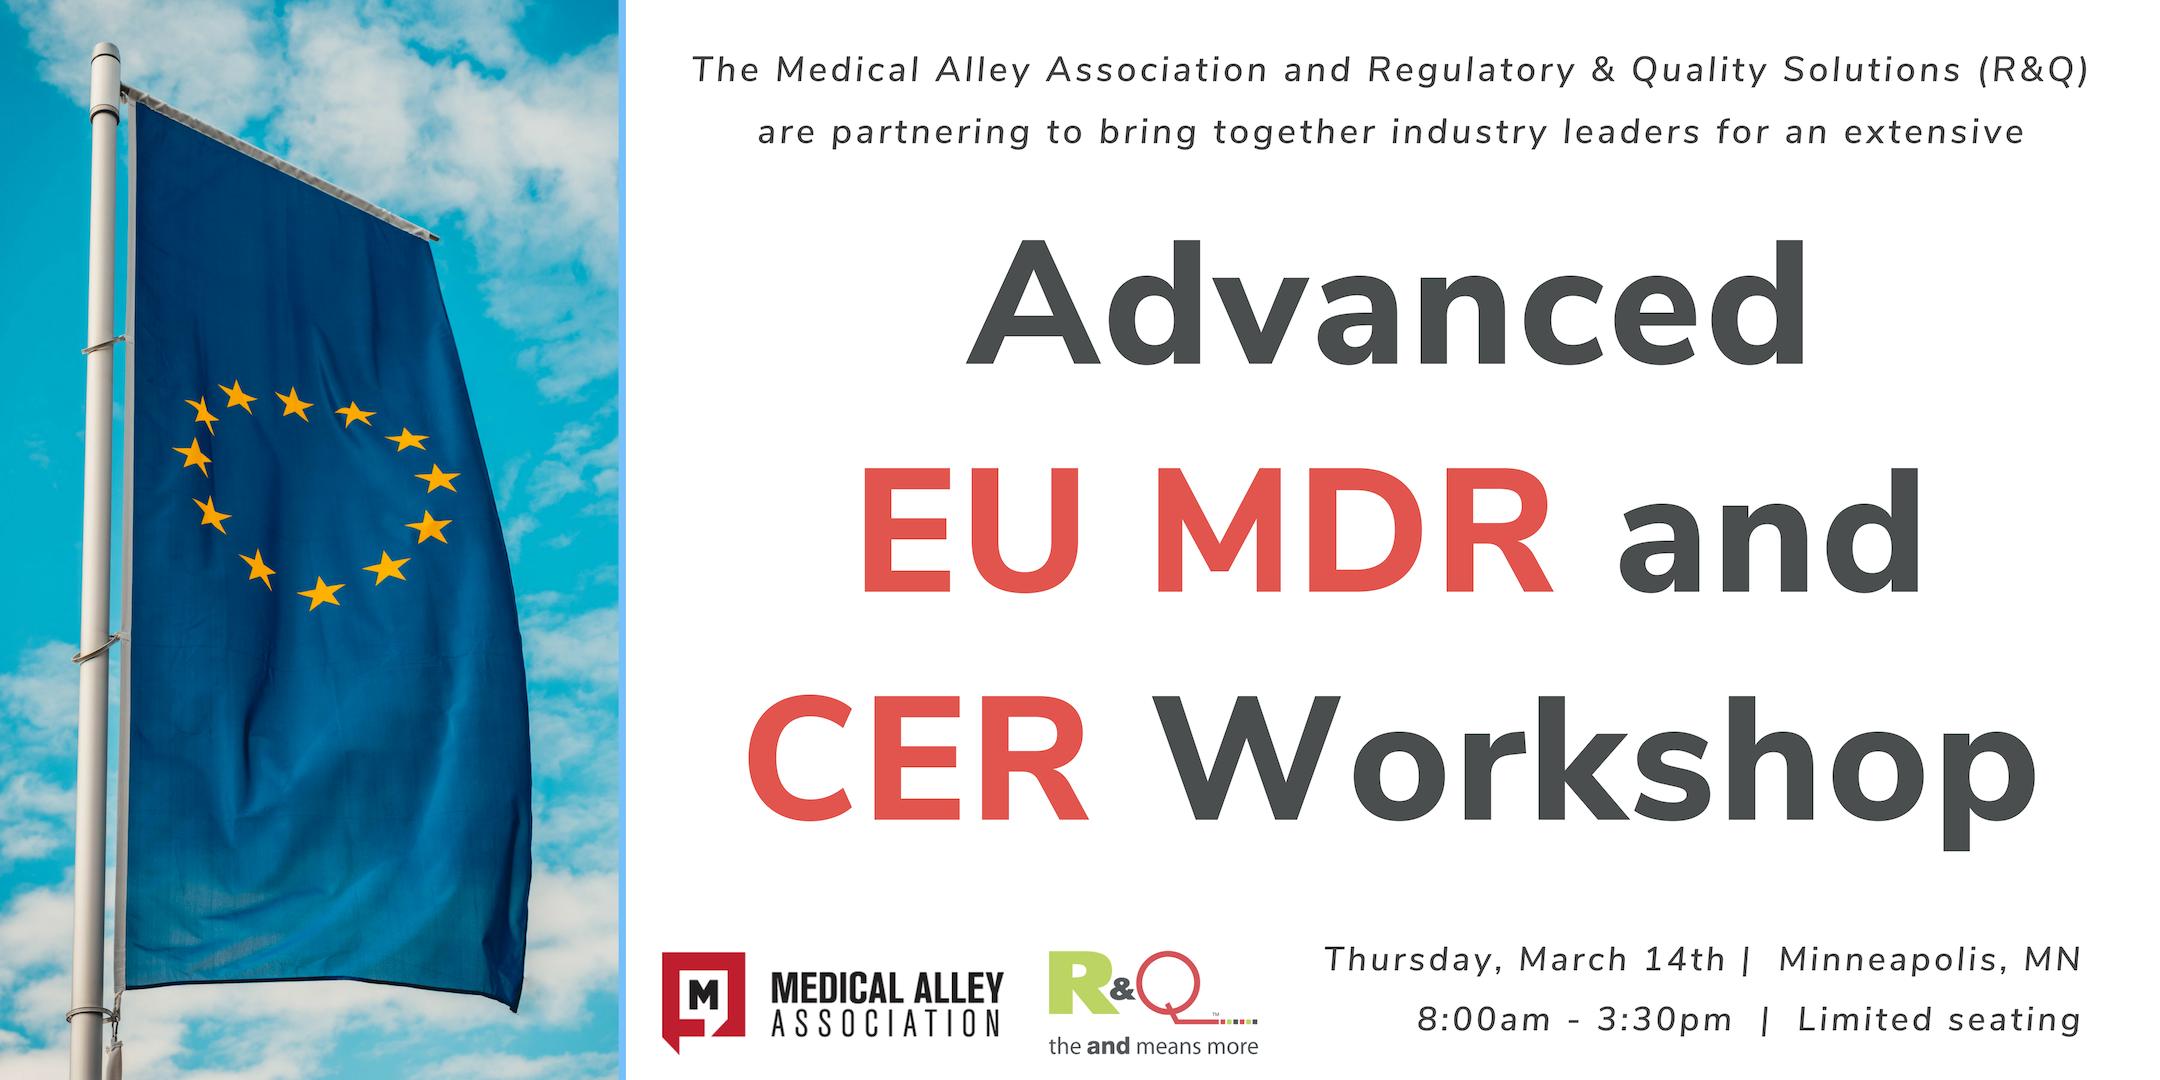 MAA_RQ_EU_MDR_CER_Workshop_Promo_1_10_19